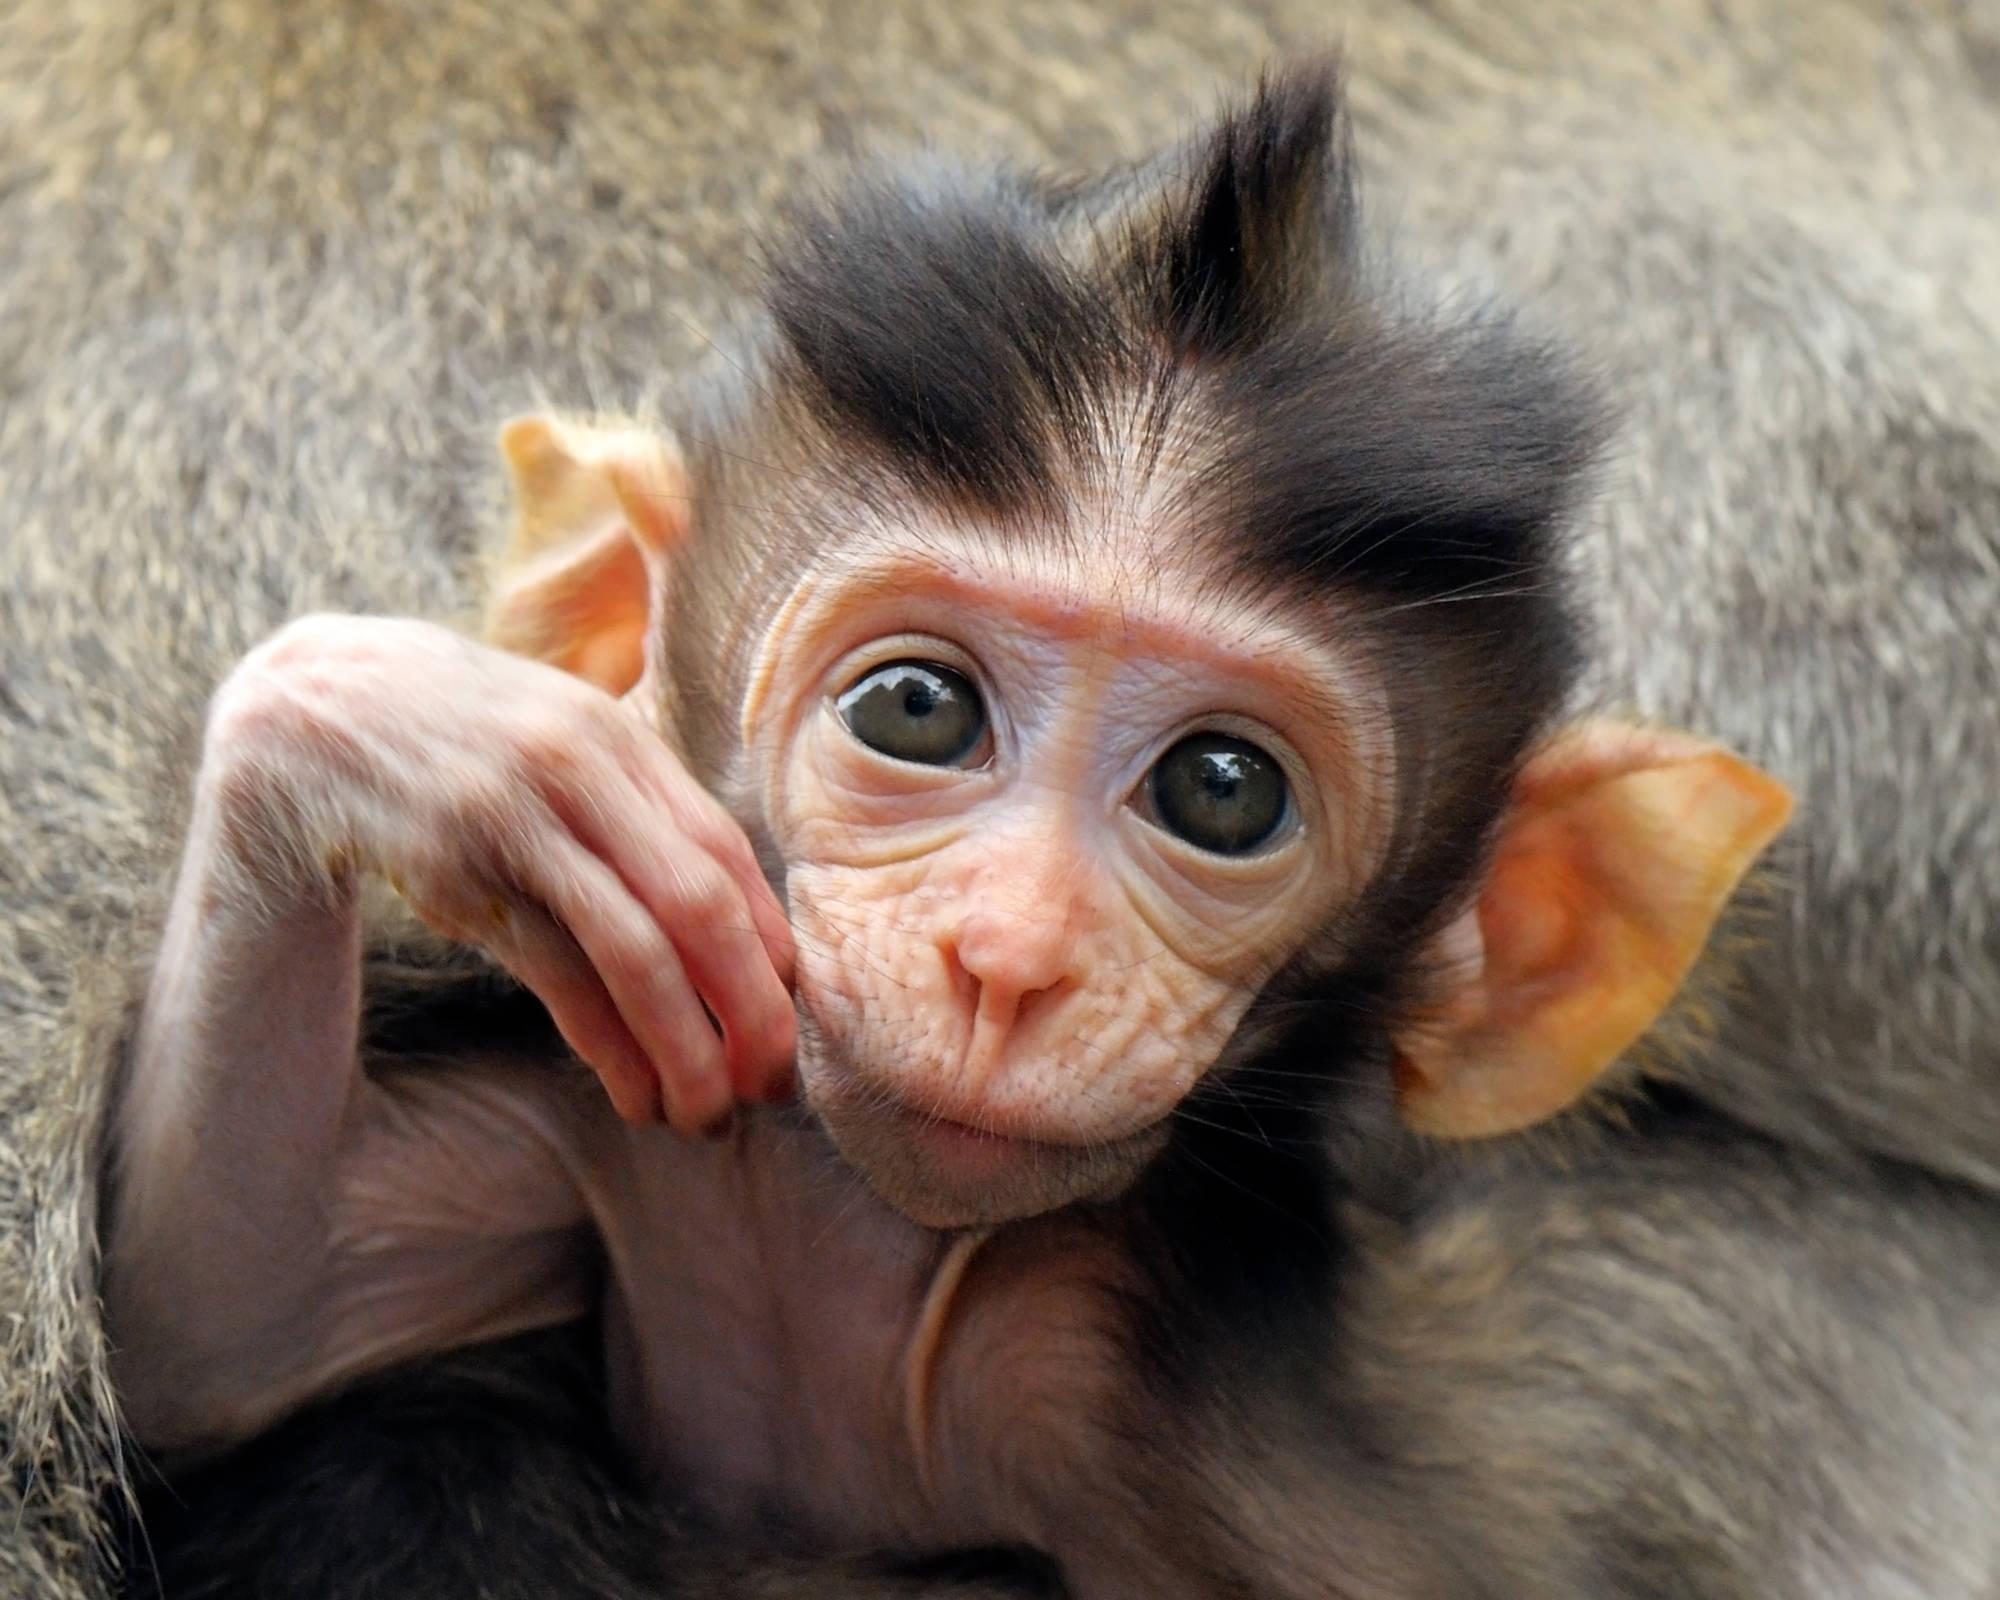 Красивые смешные картинки обезьян посмотрев фото